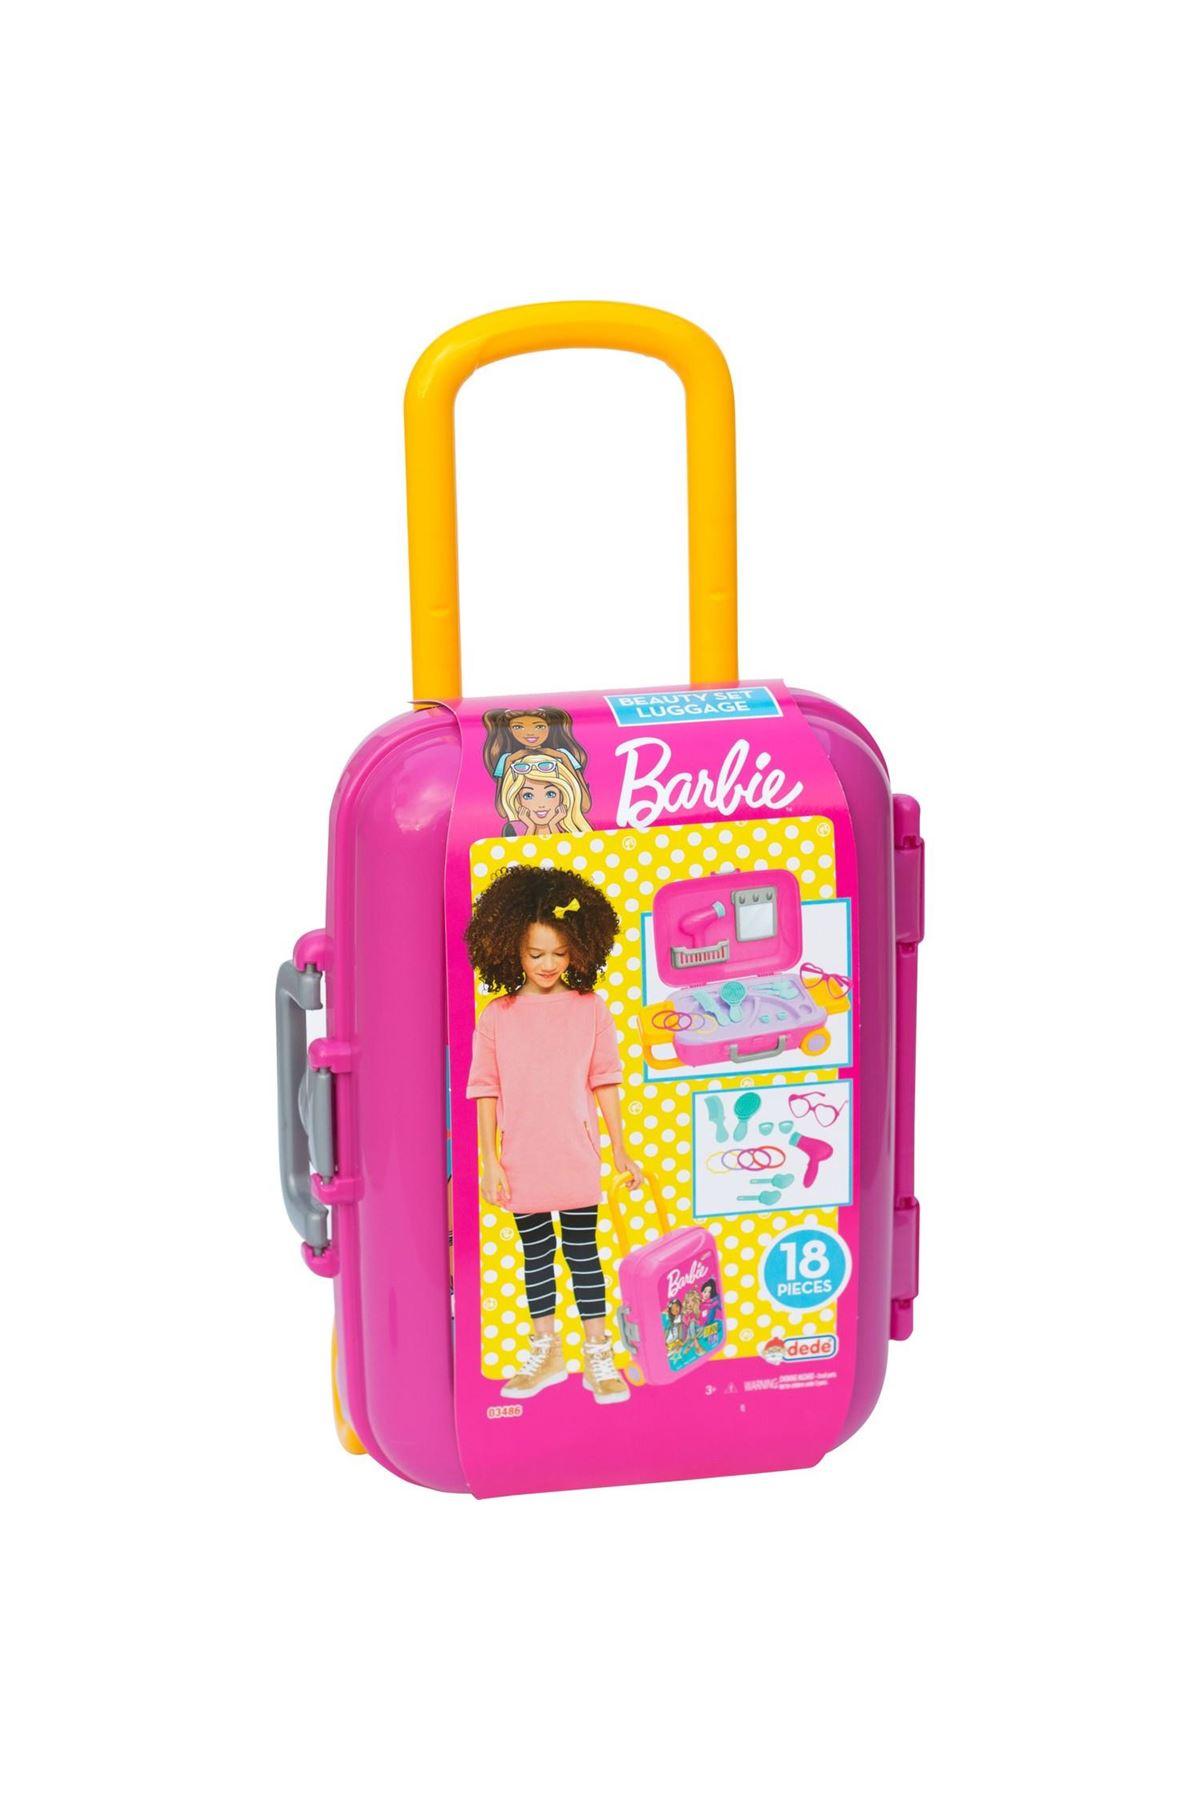 Barbie Güzellik Set Bavulum